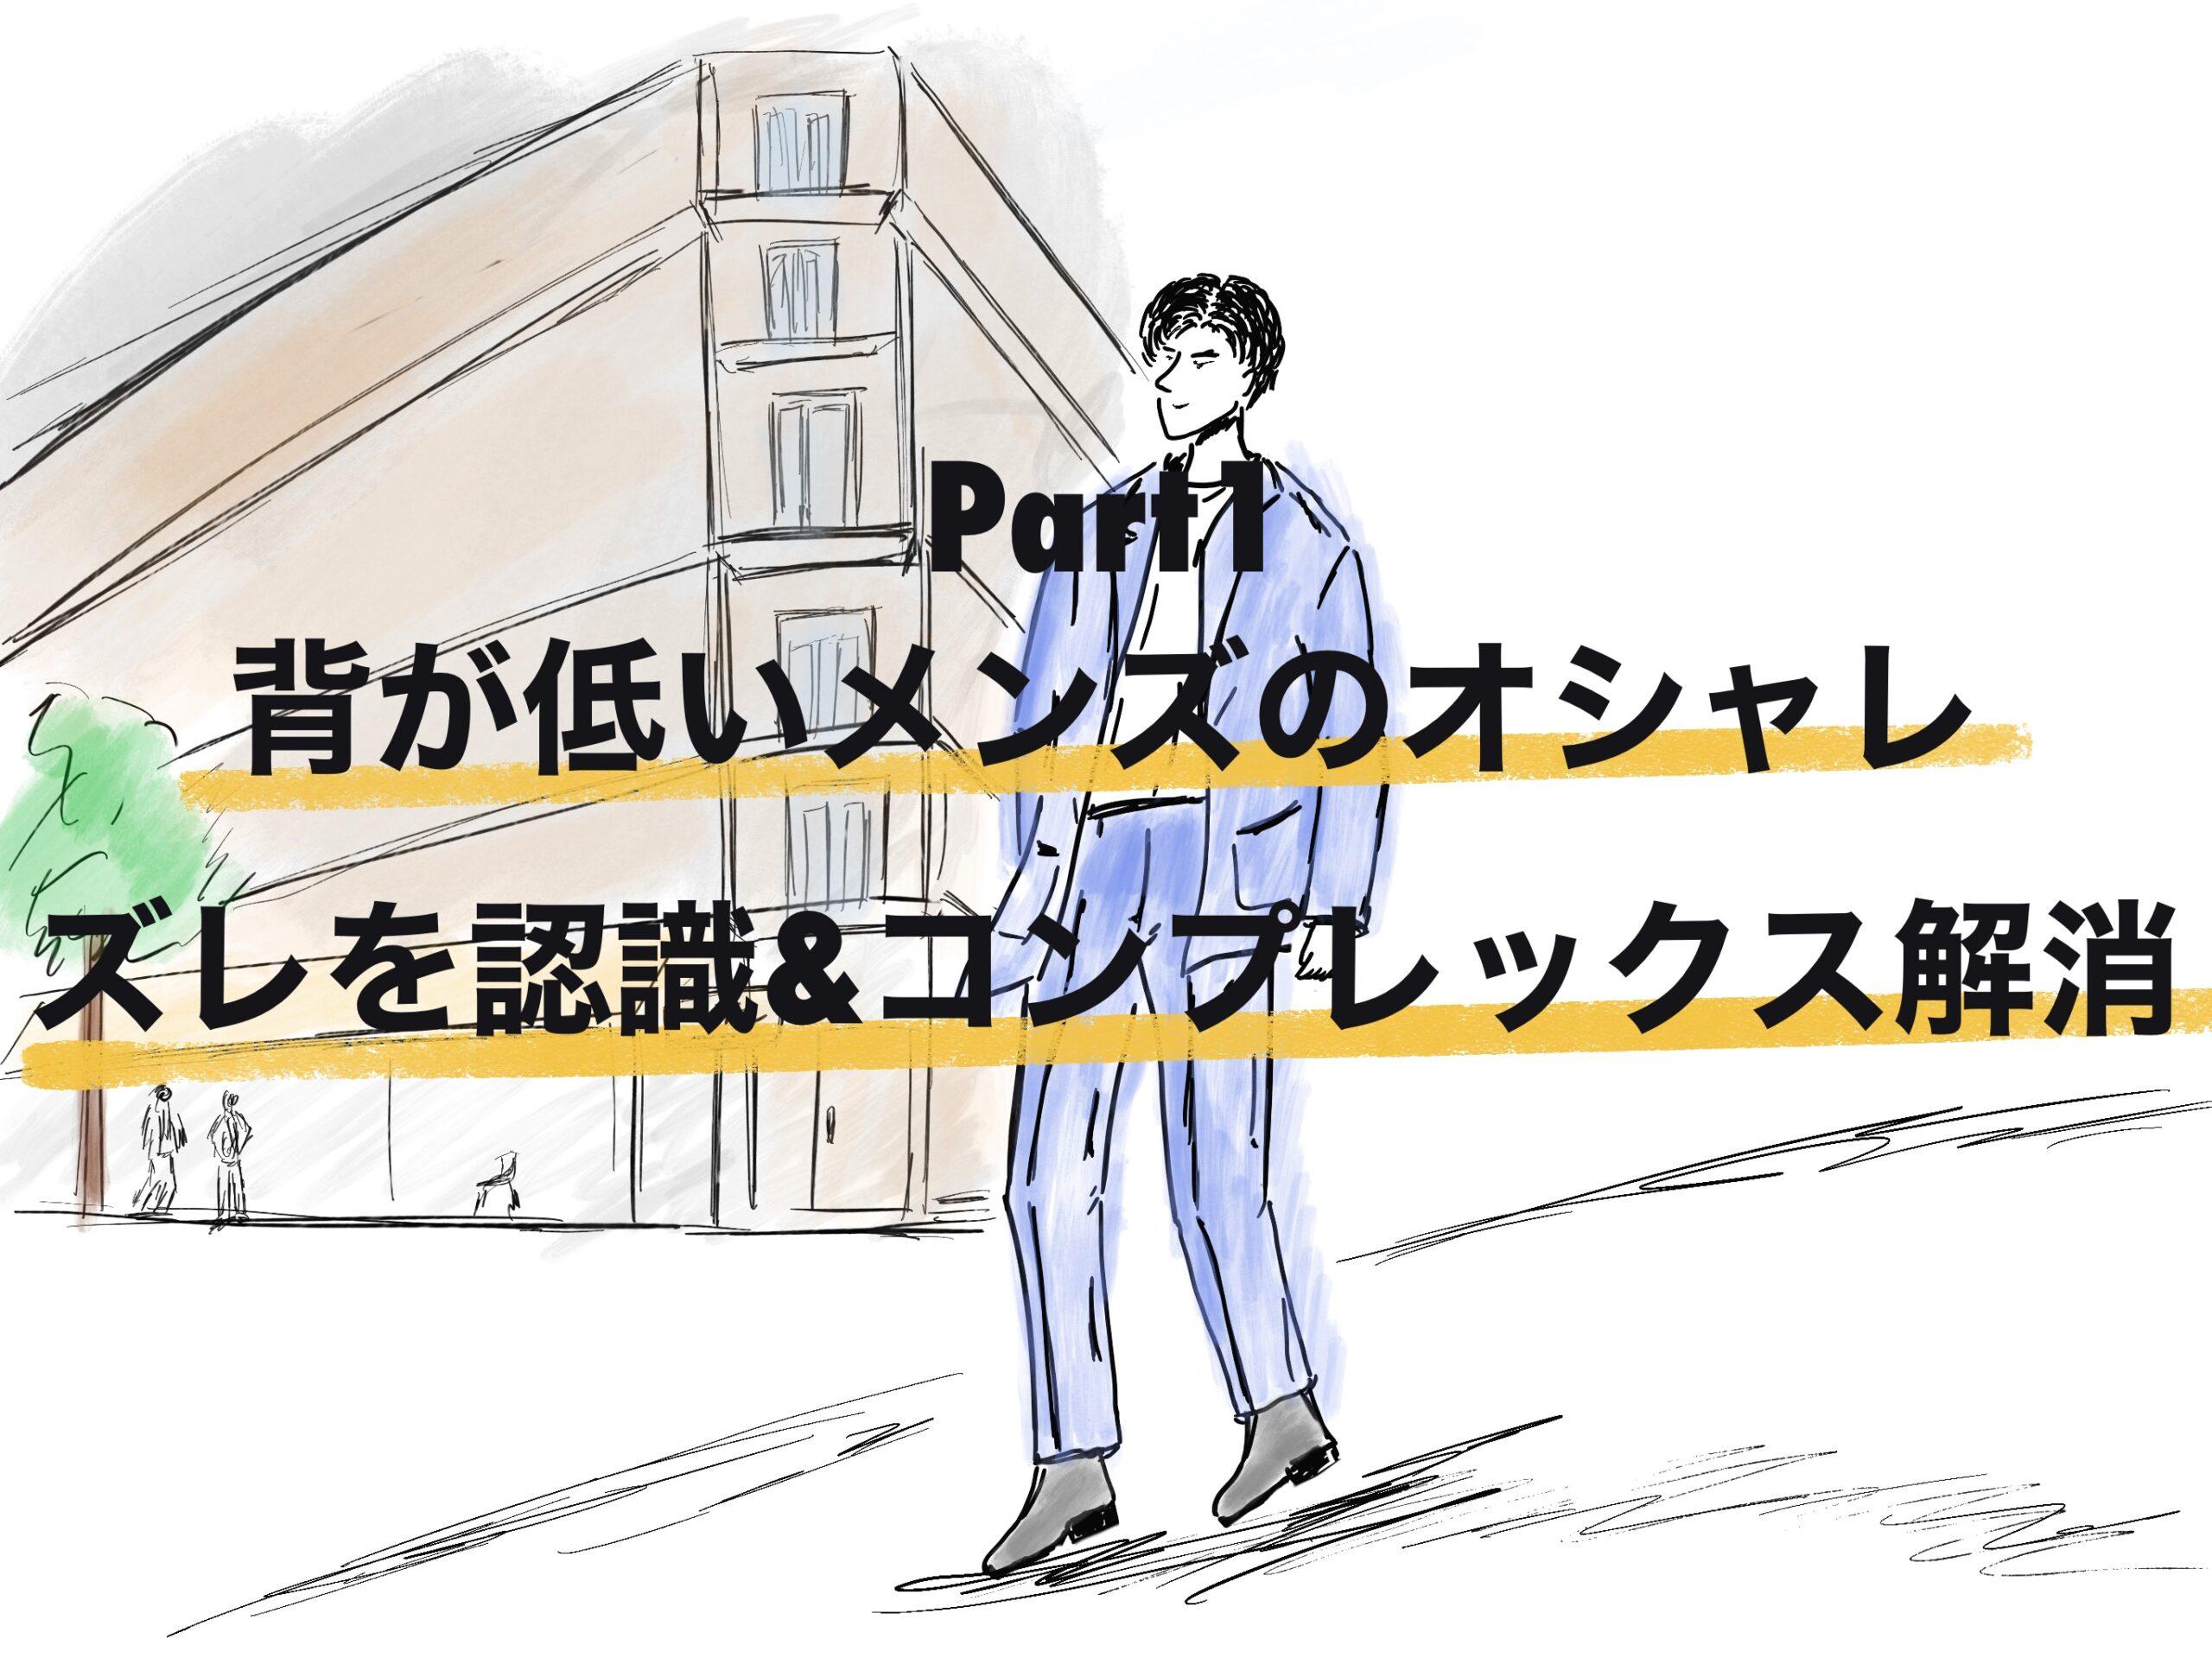 [コンプレックス解消]背が低いメンズでもオシャレになります!背を高く見せるポイントとは?